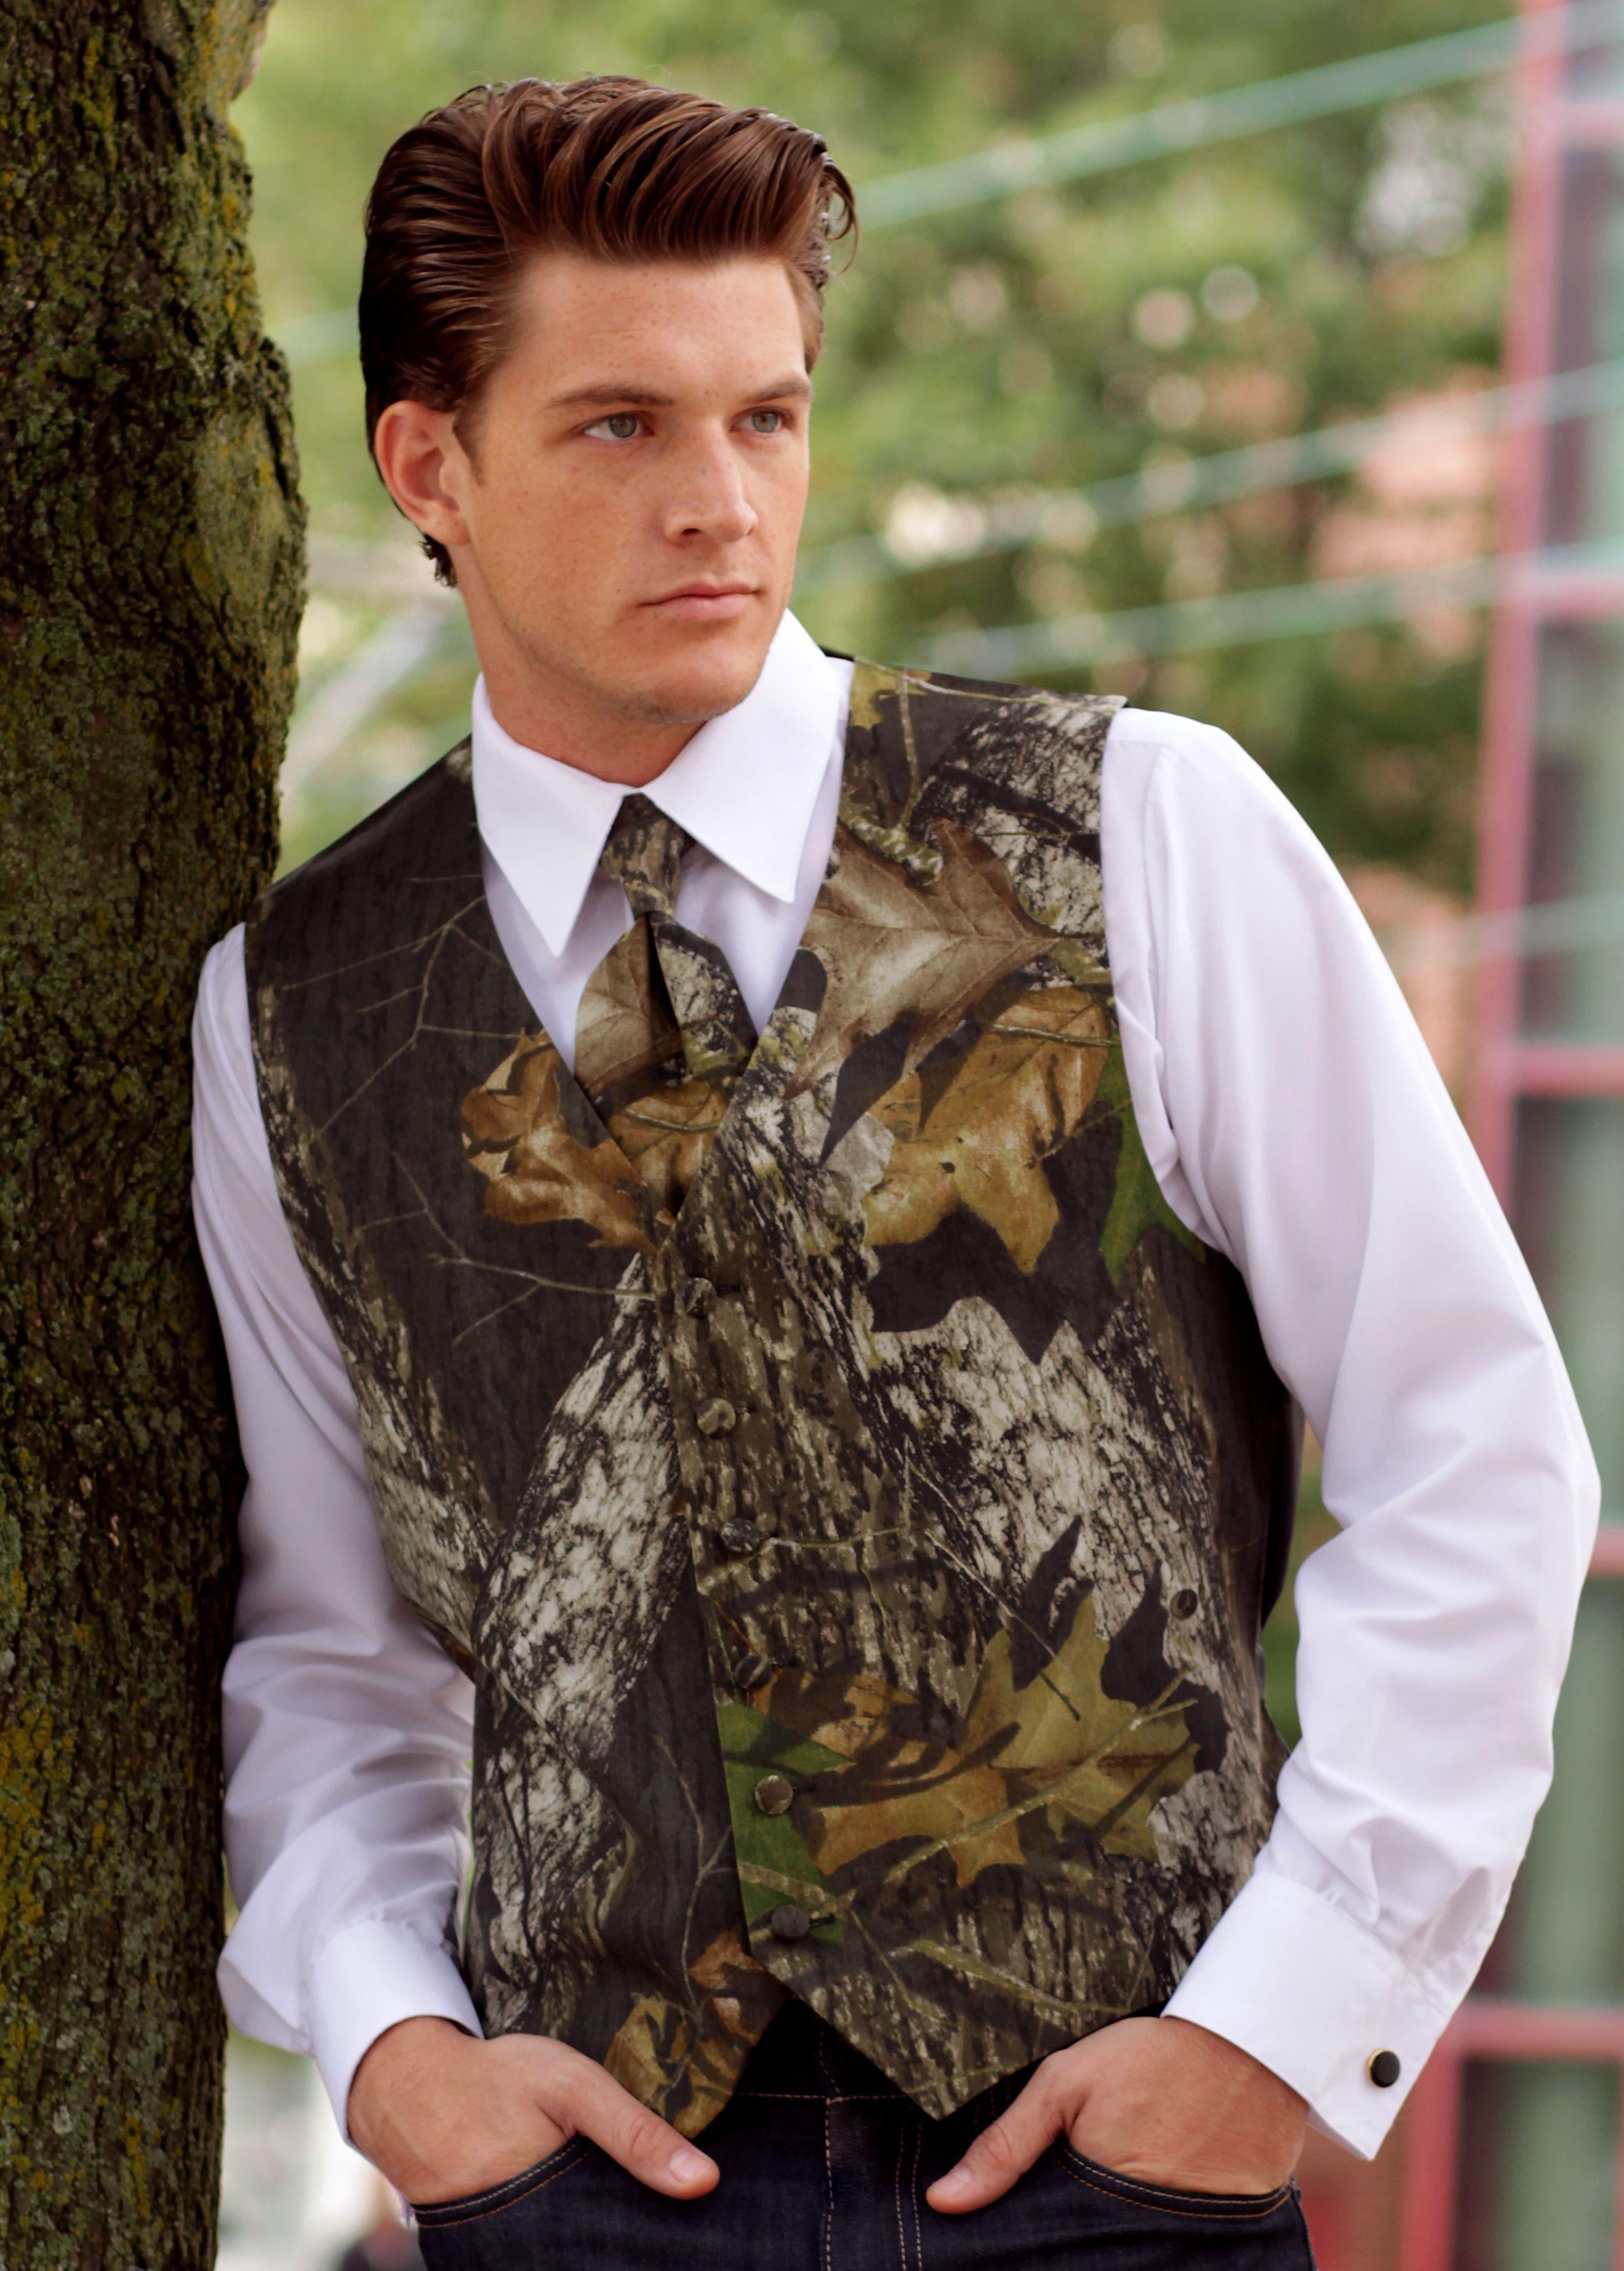 Details Mossy Oak Break Tuxedo Vest Camo Skinny